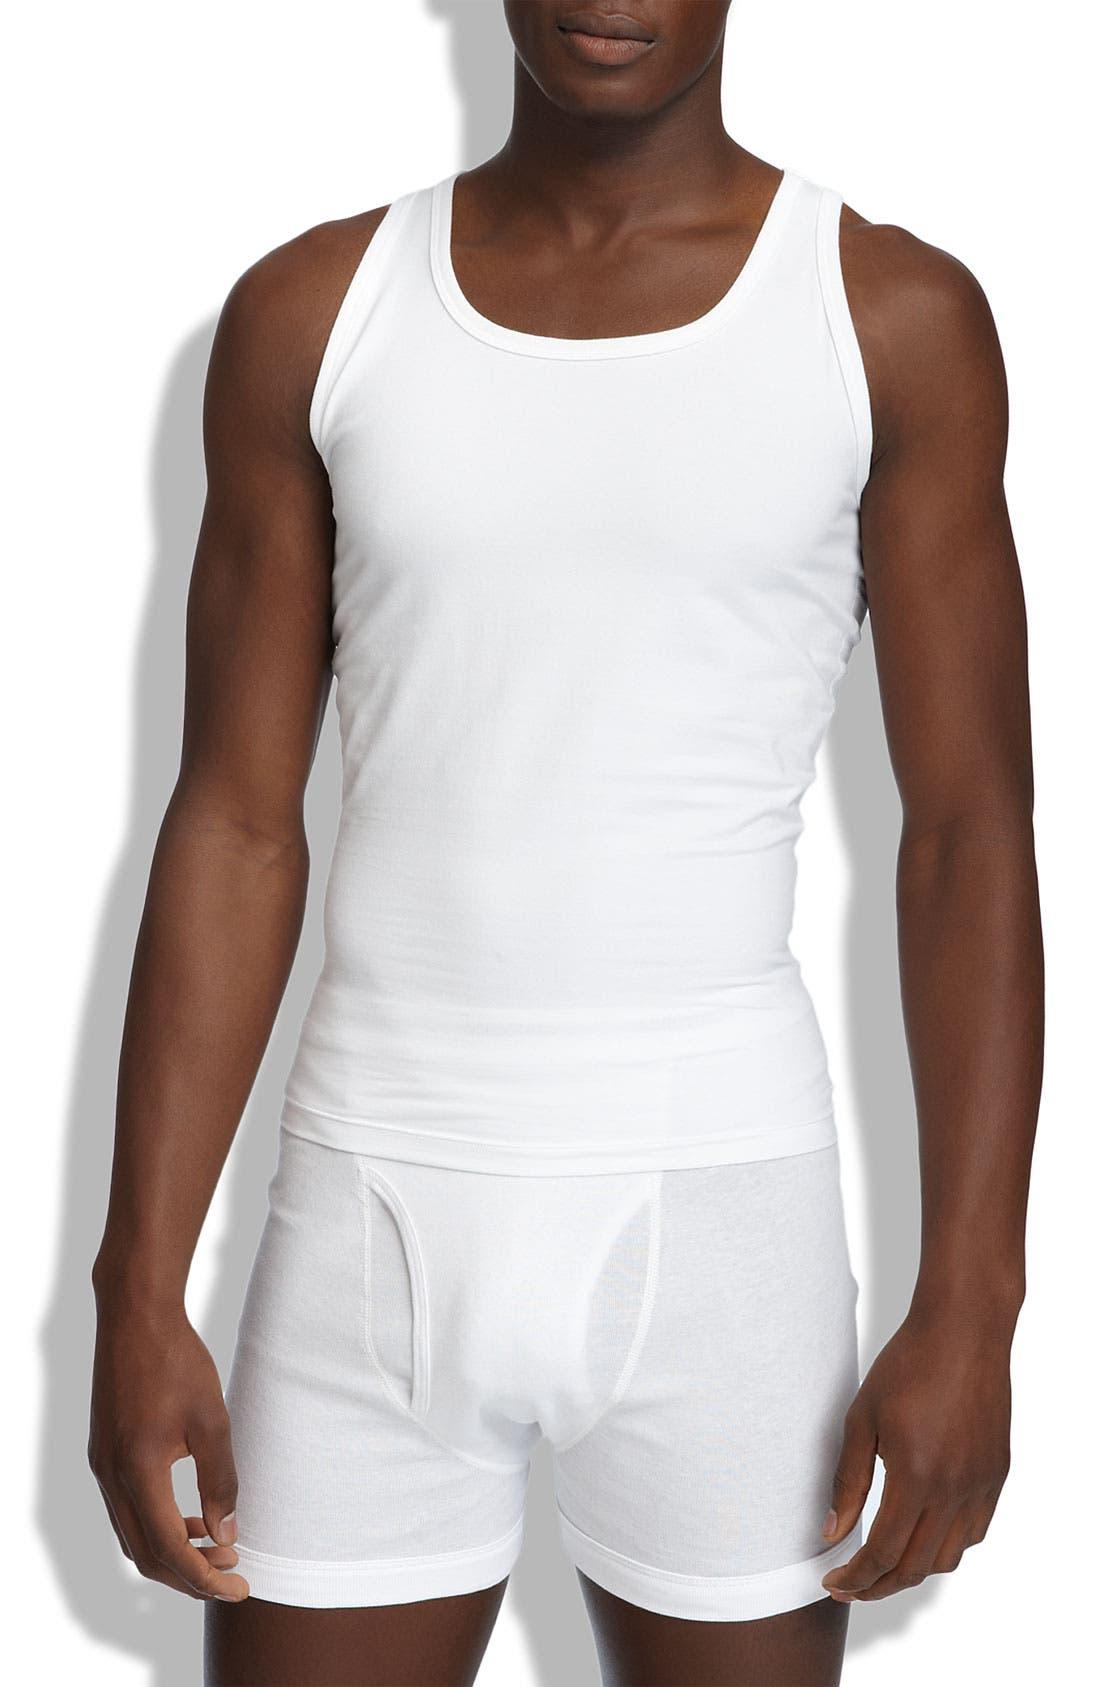 Cotton Compression Tank,                         Main,                         color, White